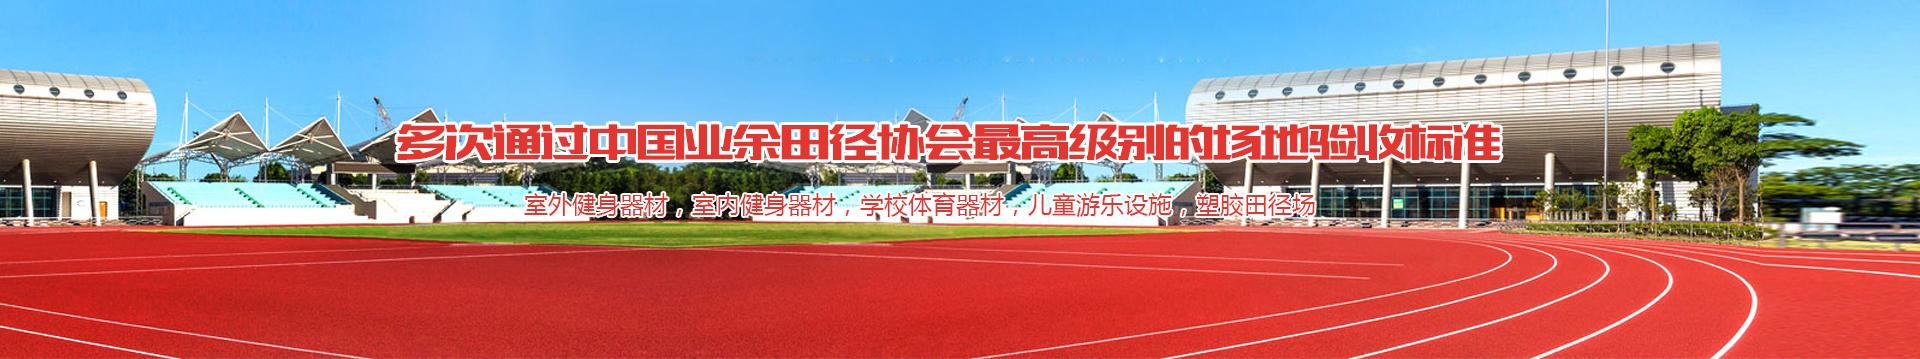 淄博宝飞乐体育设施工程有限公司